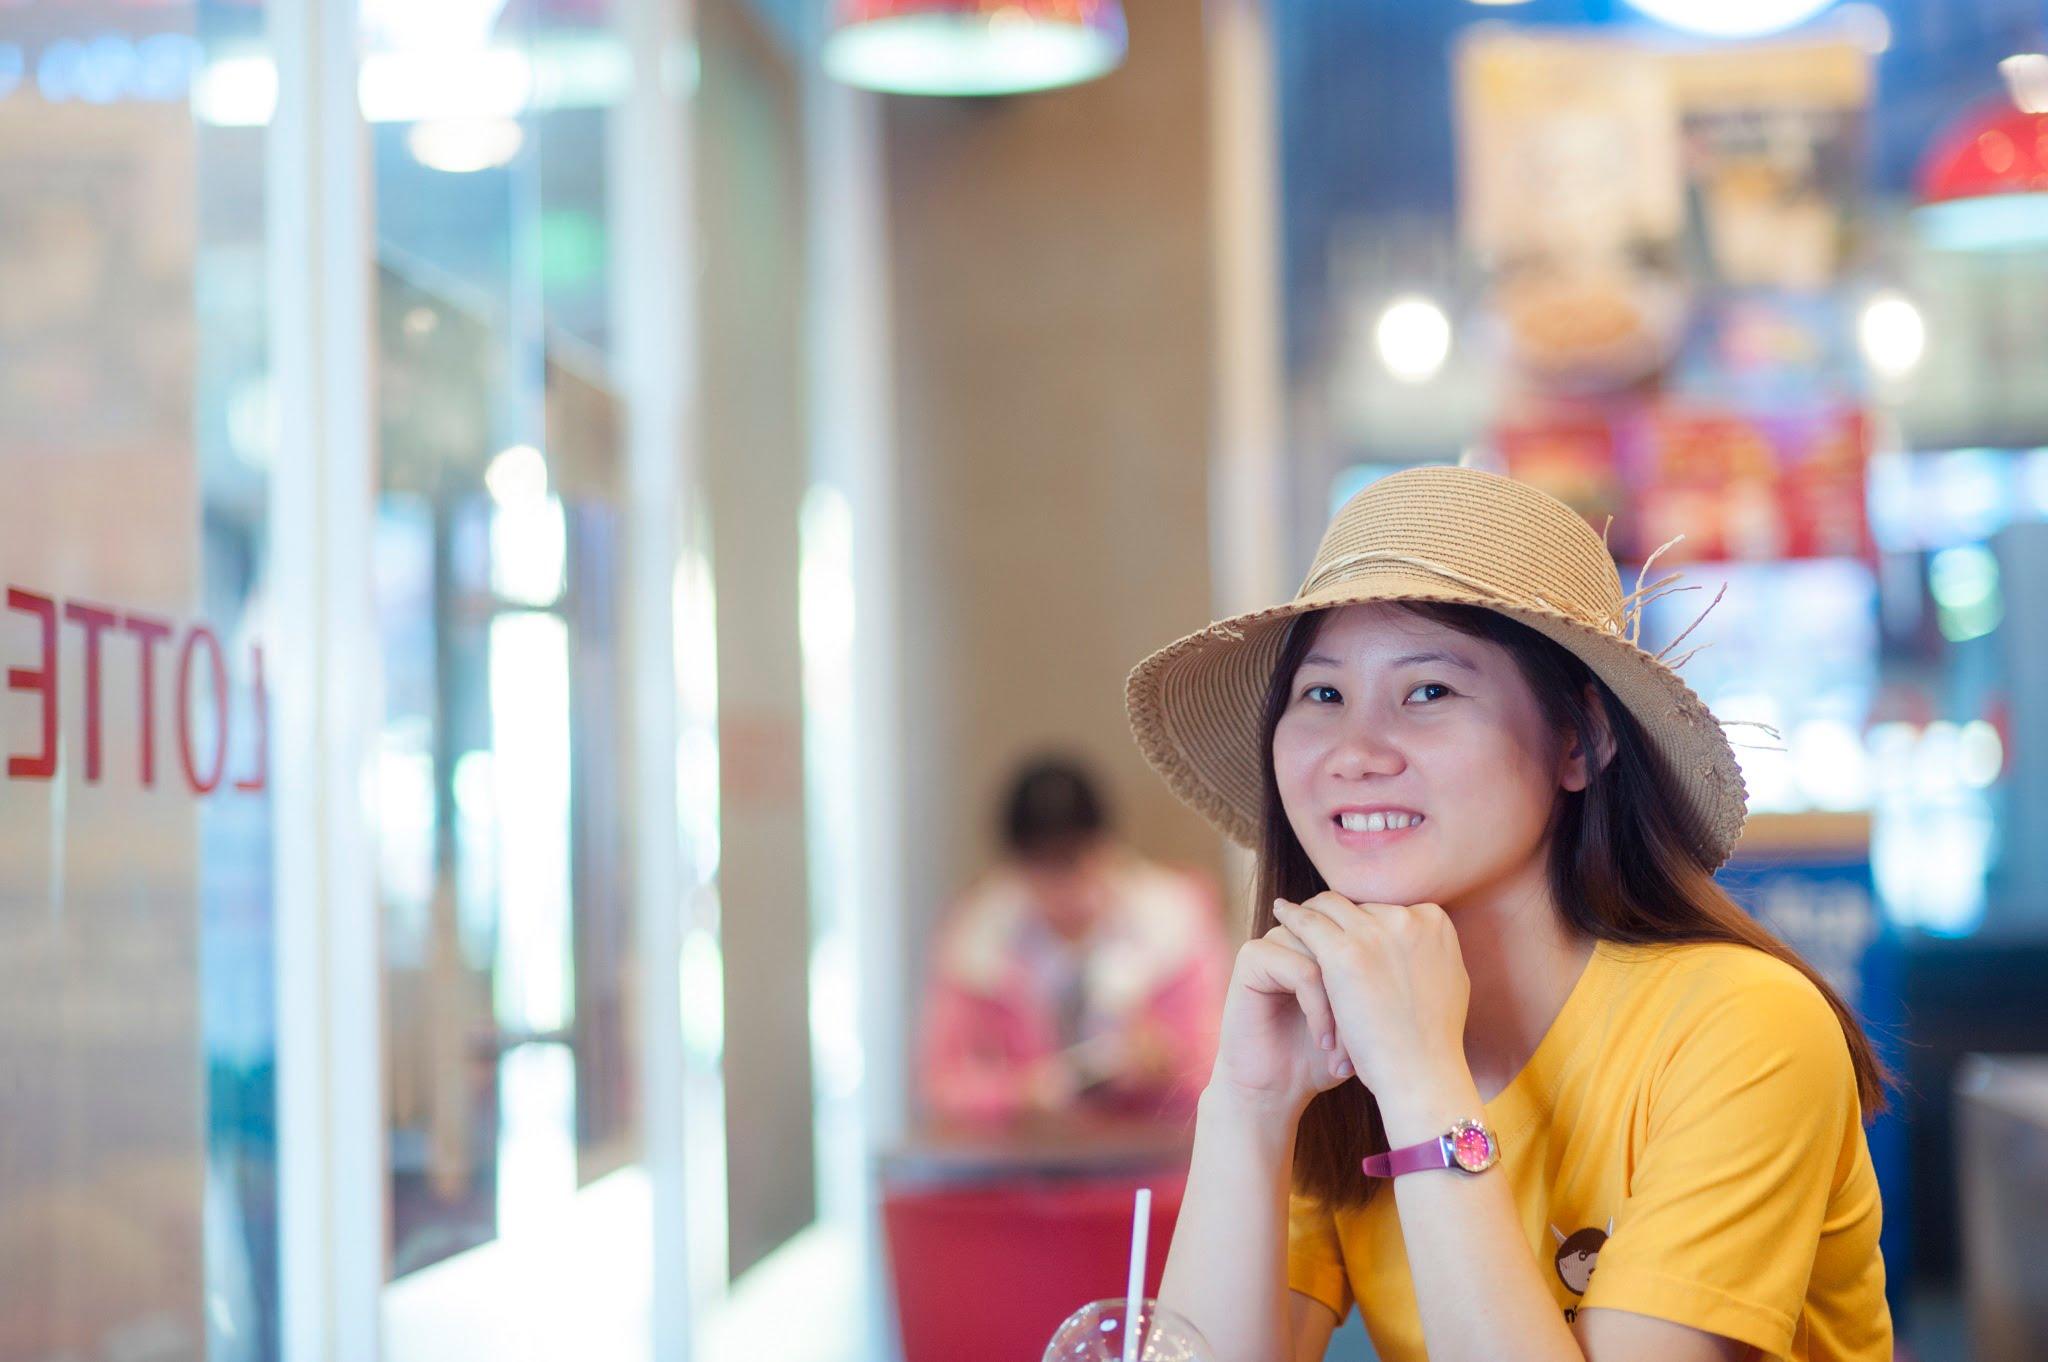 vui 5 - Một góc quán quen, Cafe bến xe miền đông - Vui Đoàn